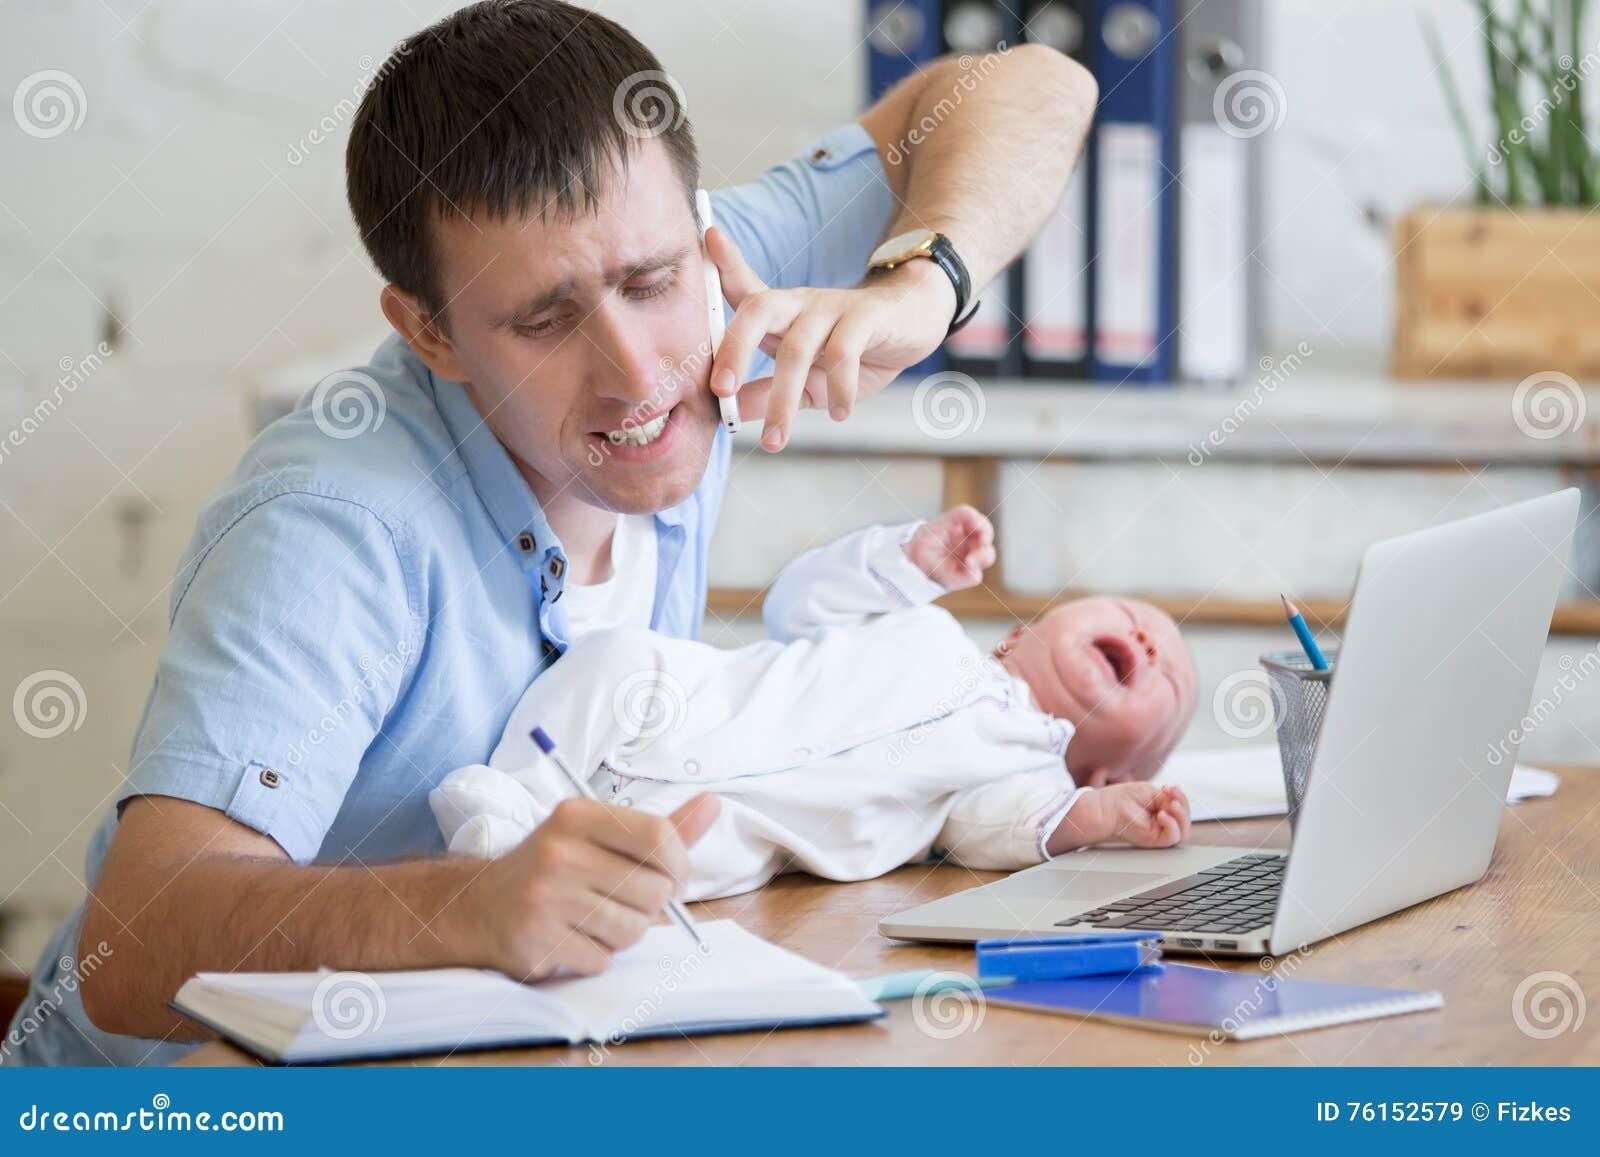 Genitore lavorante con gridare bambina